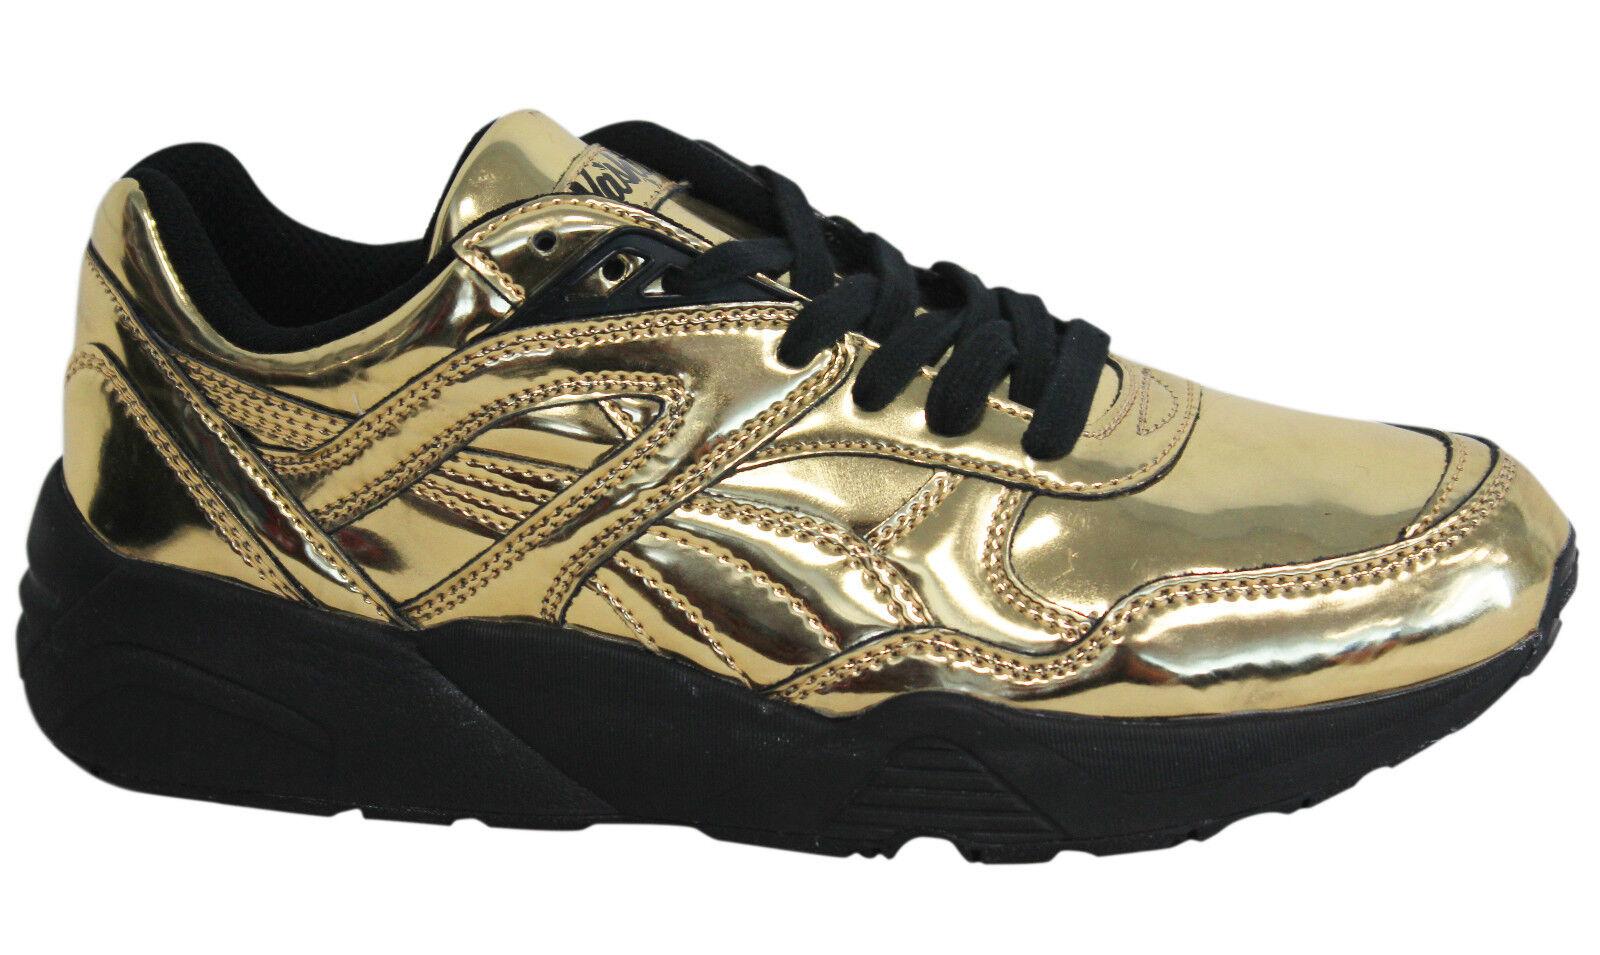 Puma Trinomic R698 X Vashtie Zapatillas Hombre Zapatos con Cordones bajo Dorado